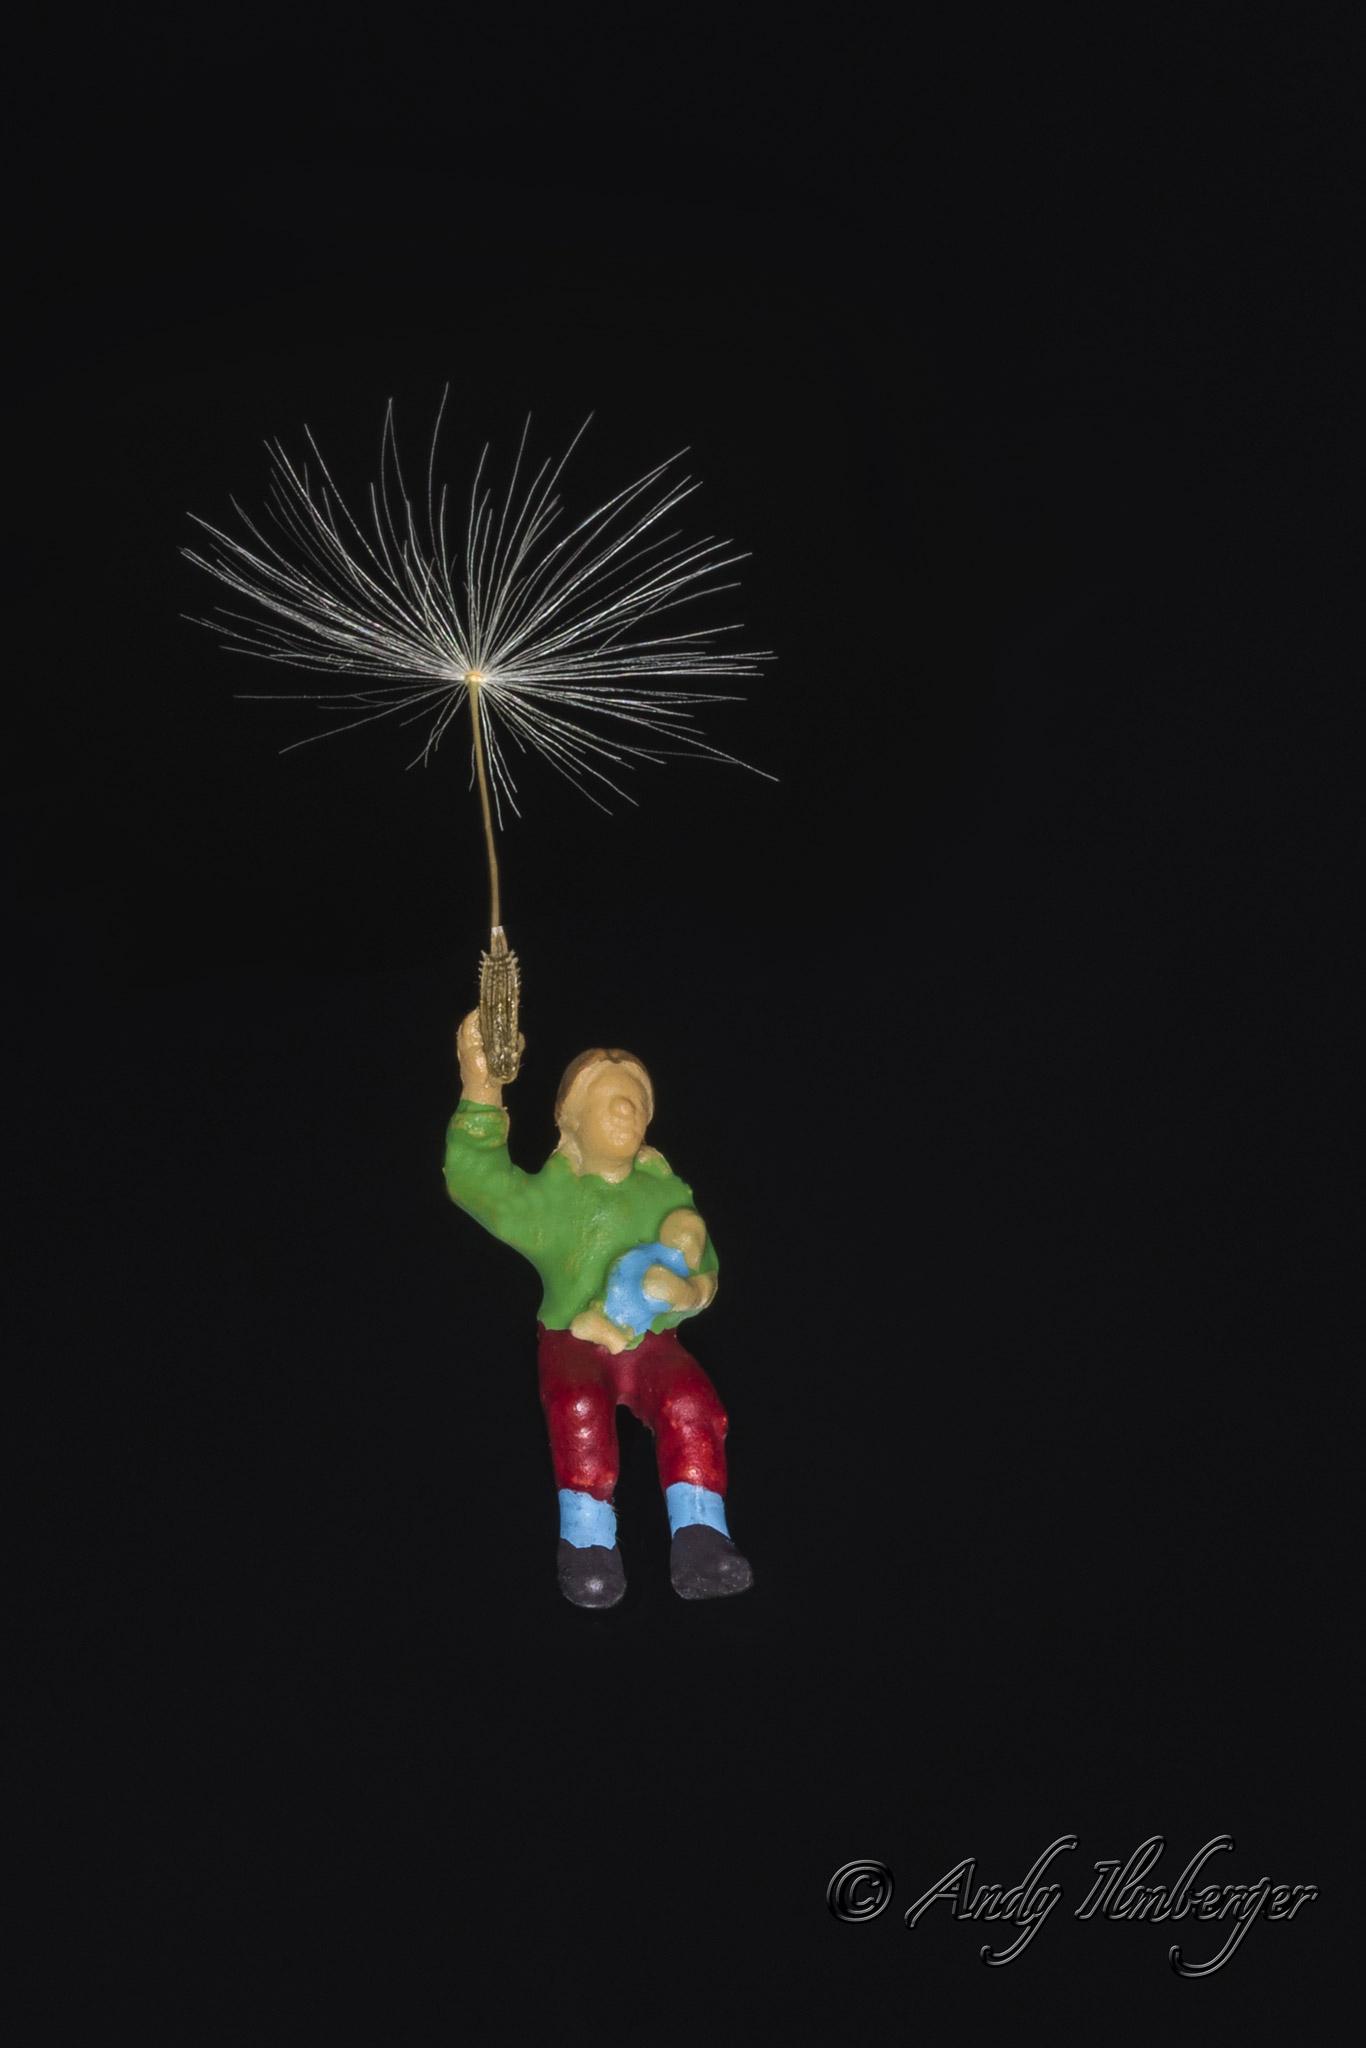 H0-Helden - Pusteblume - H0-Figuren in Szene gesetzt von © Andy Ilmberger im Kleine-Helden.Club